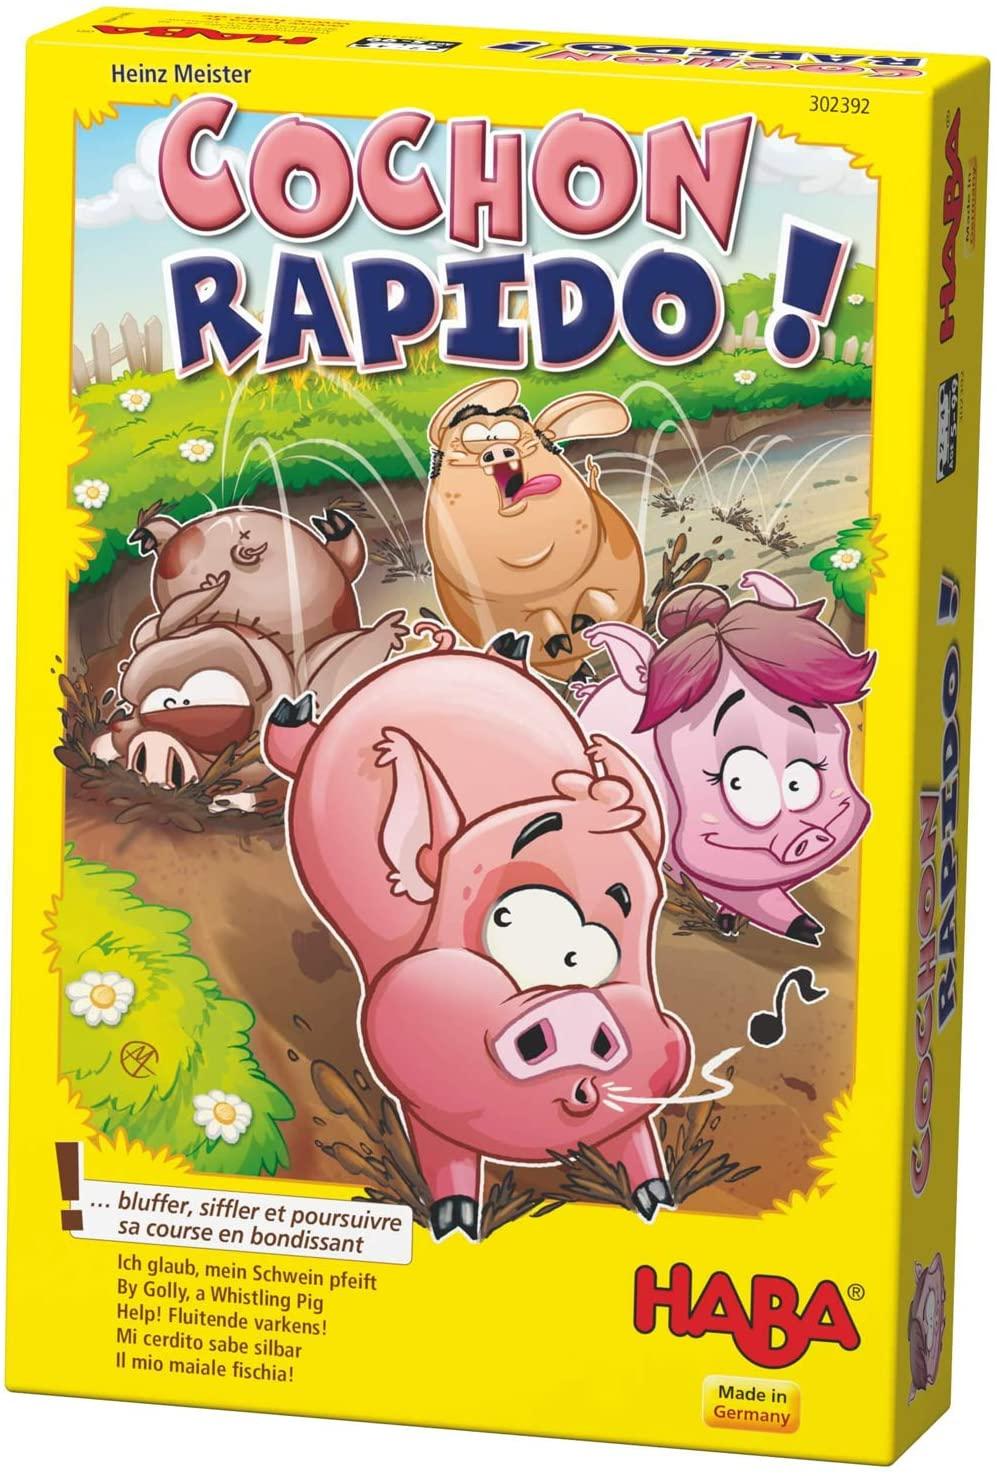 2654 - Cochon rapido Image